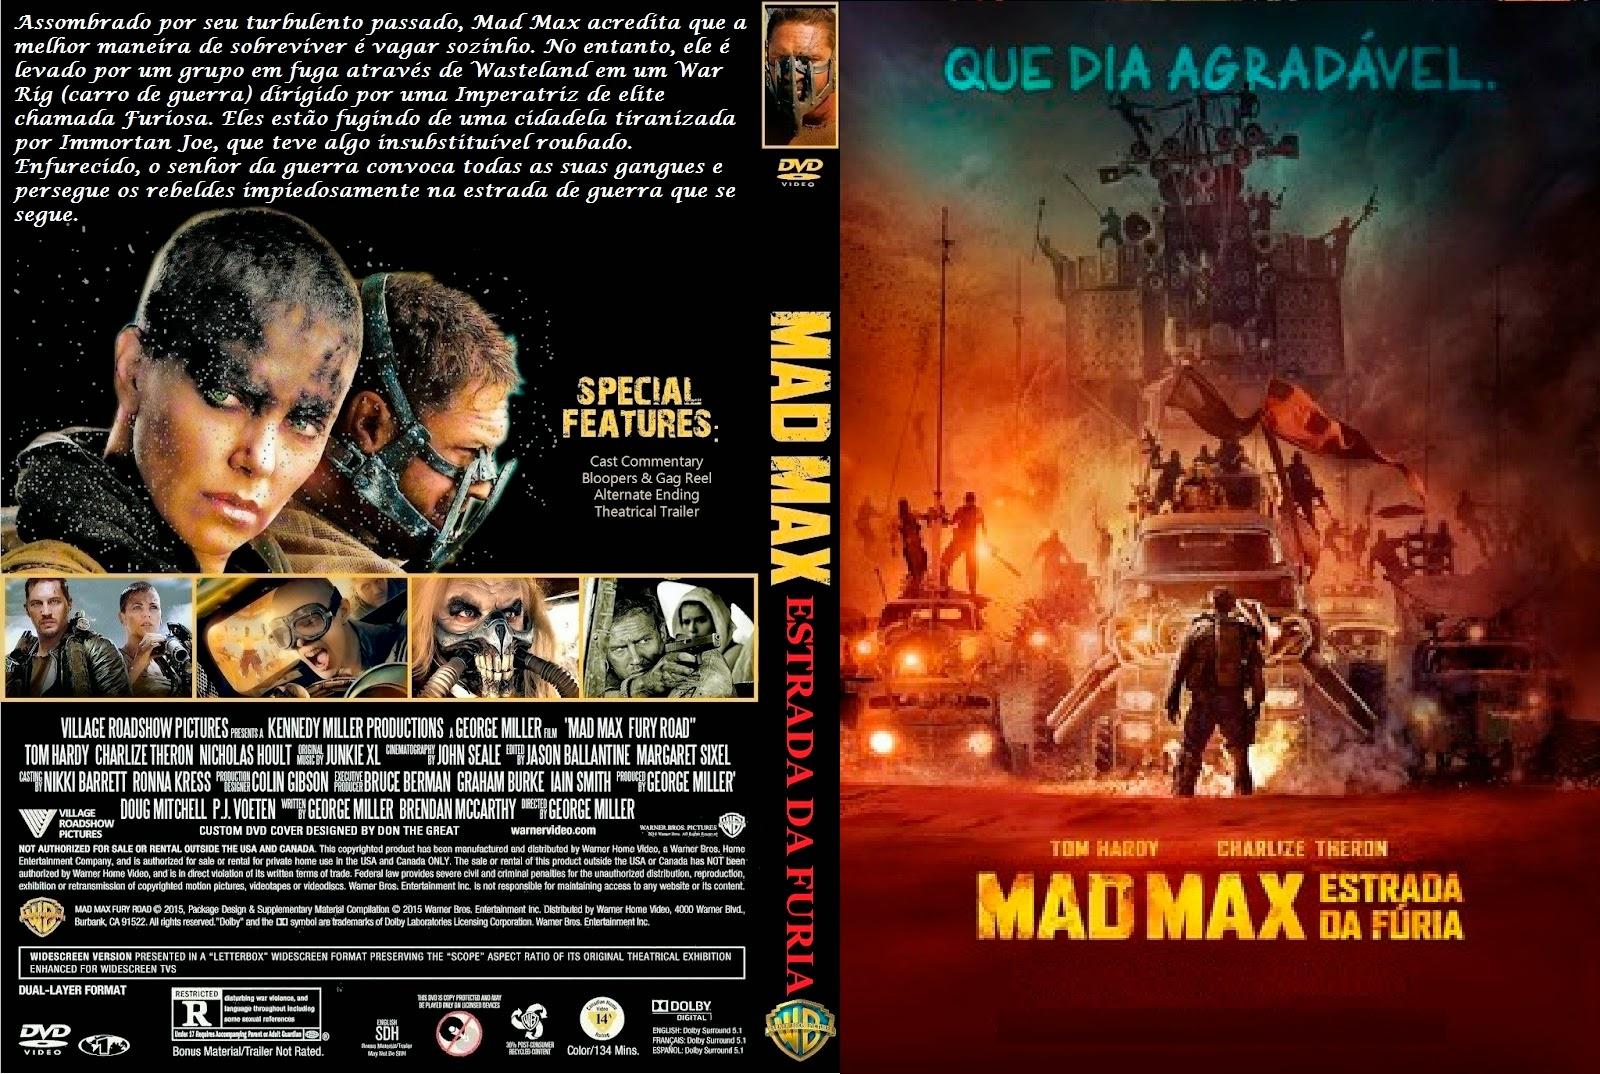 Baixar Mad Max Estrada da Fúria BDRip XviD Dual Áudio Mad 2BMax 2B  2BEstrada 2Bda 2BFuria 2Bcap 2B03